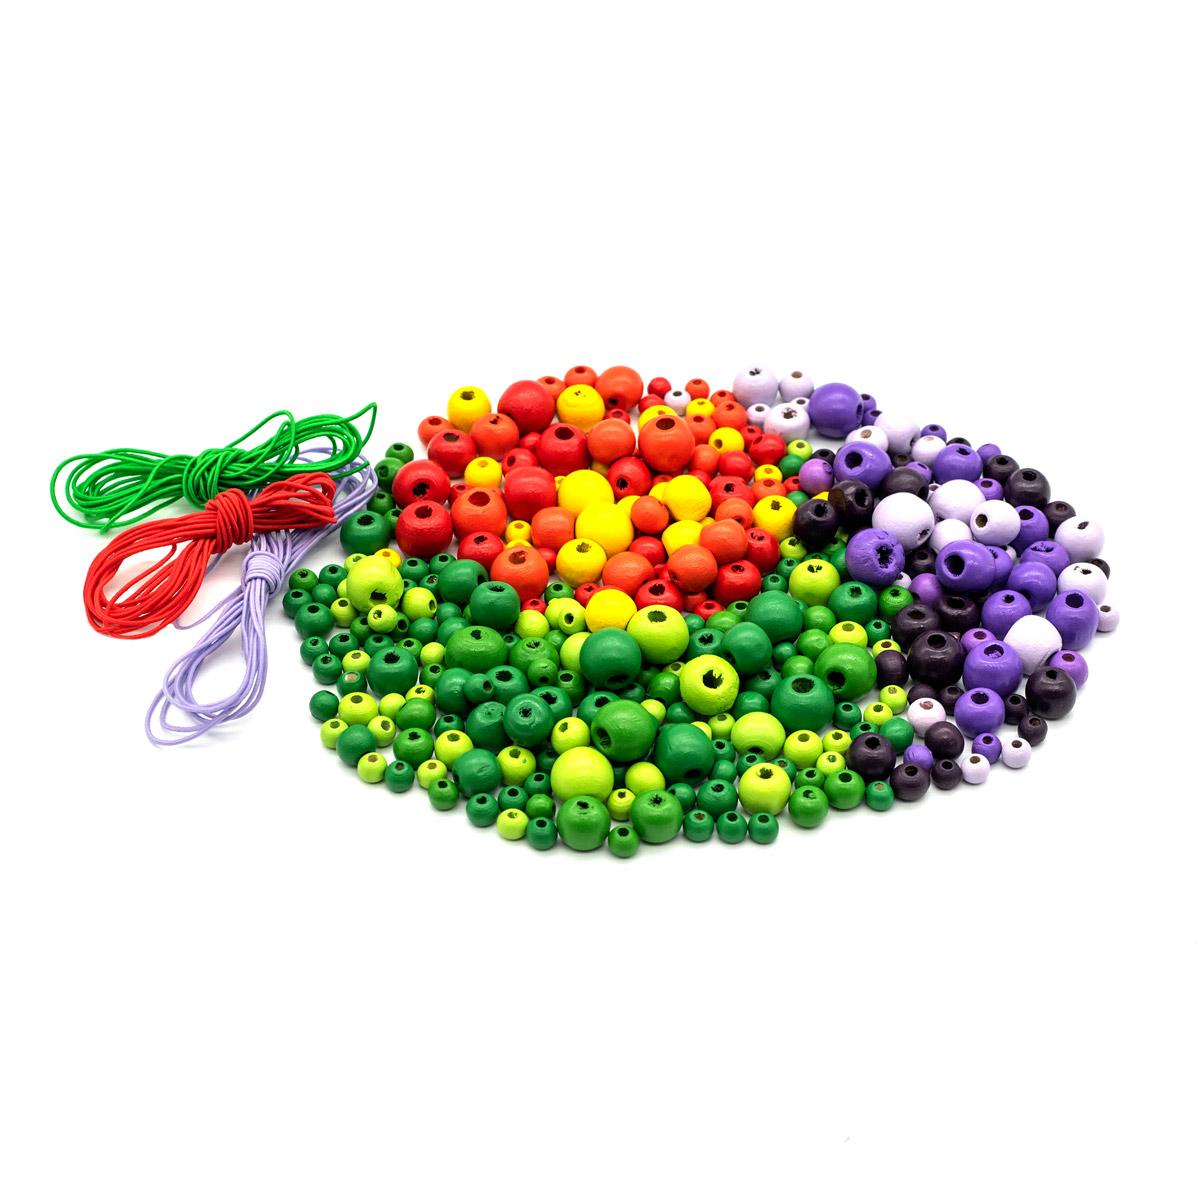 Набор деревянных бусин со шнуром, красно-фиолетово-зеленый микс, 6-12мм, 270шт, Астра